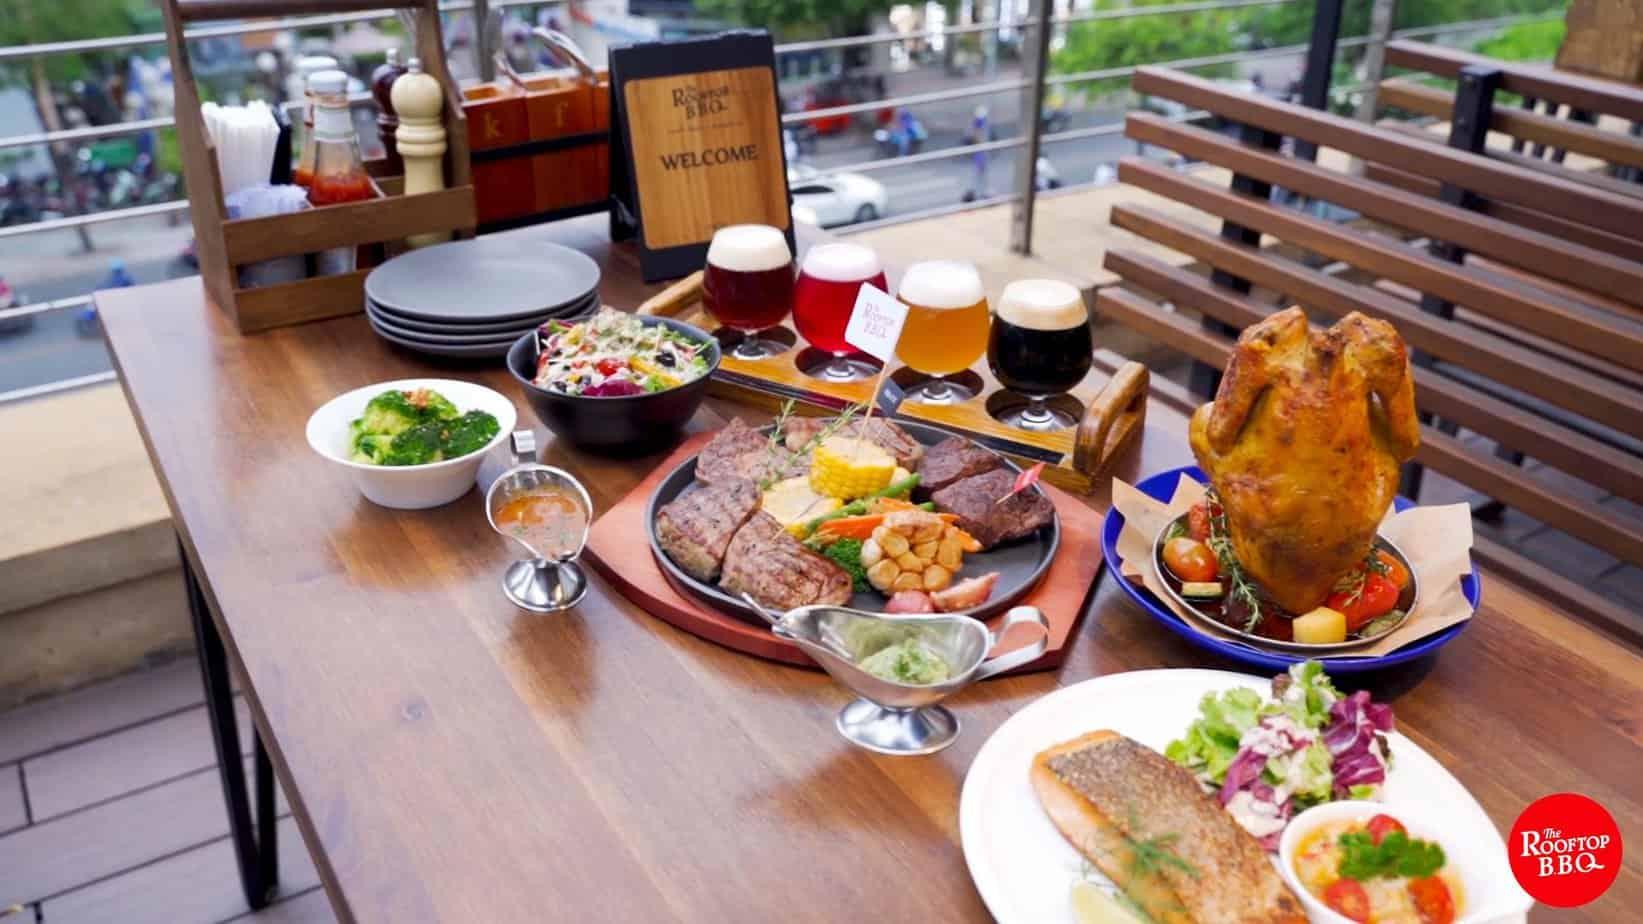 Top 5 Nhà Hàng Beefsteak Siêu Ngon Tại TPHCM - nhà hàng beefsteak siêu ngon tại tphcm - Beef bar – Steak House   Bonjour Resto   Nhà hàng beefsteak 27